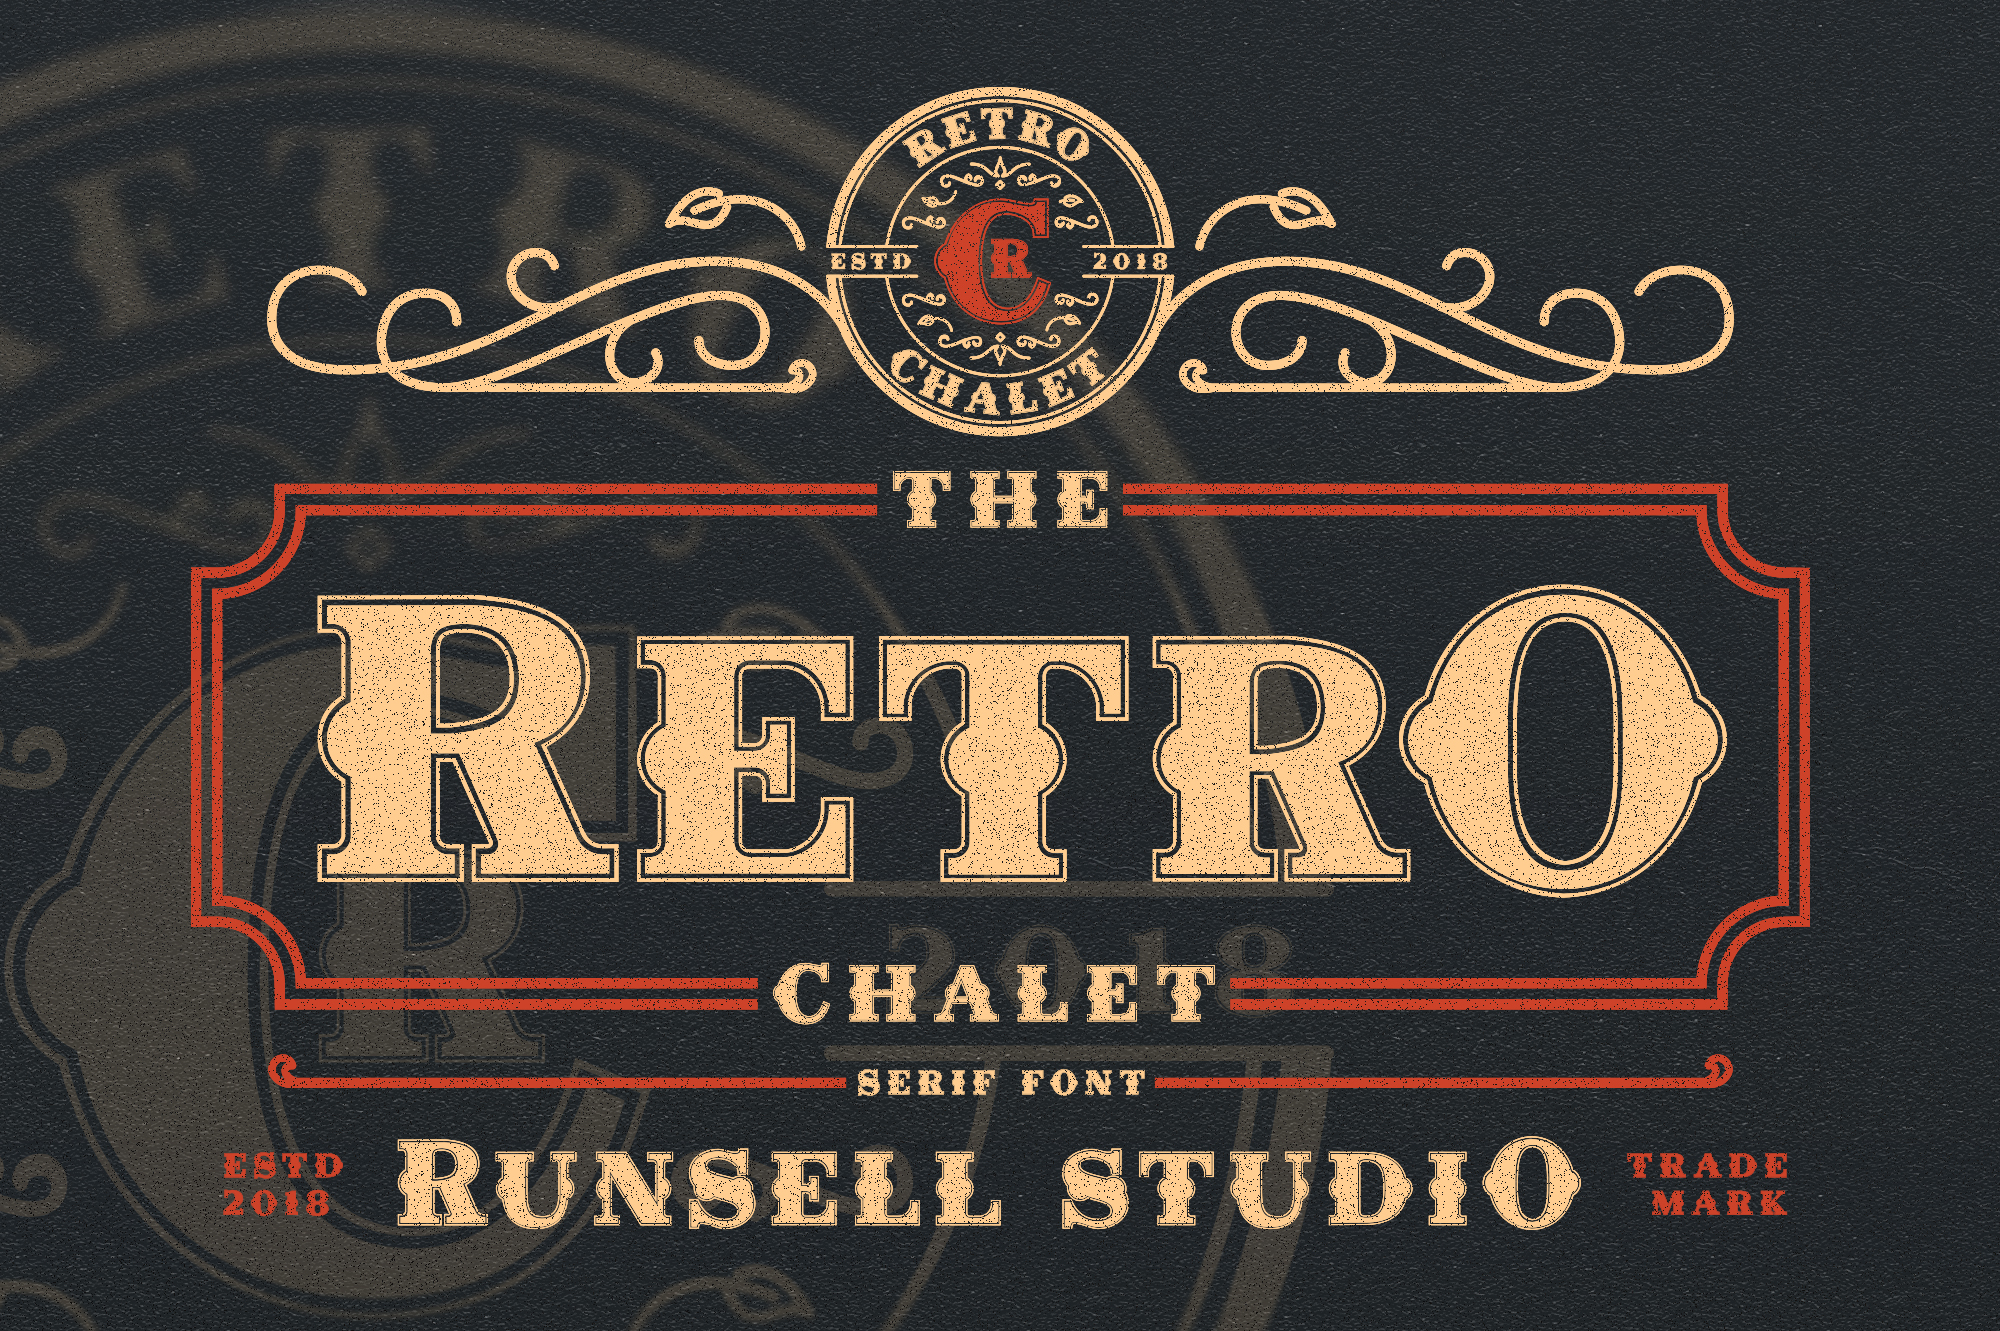 Retro Chalet example image 1